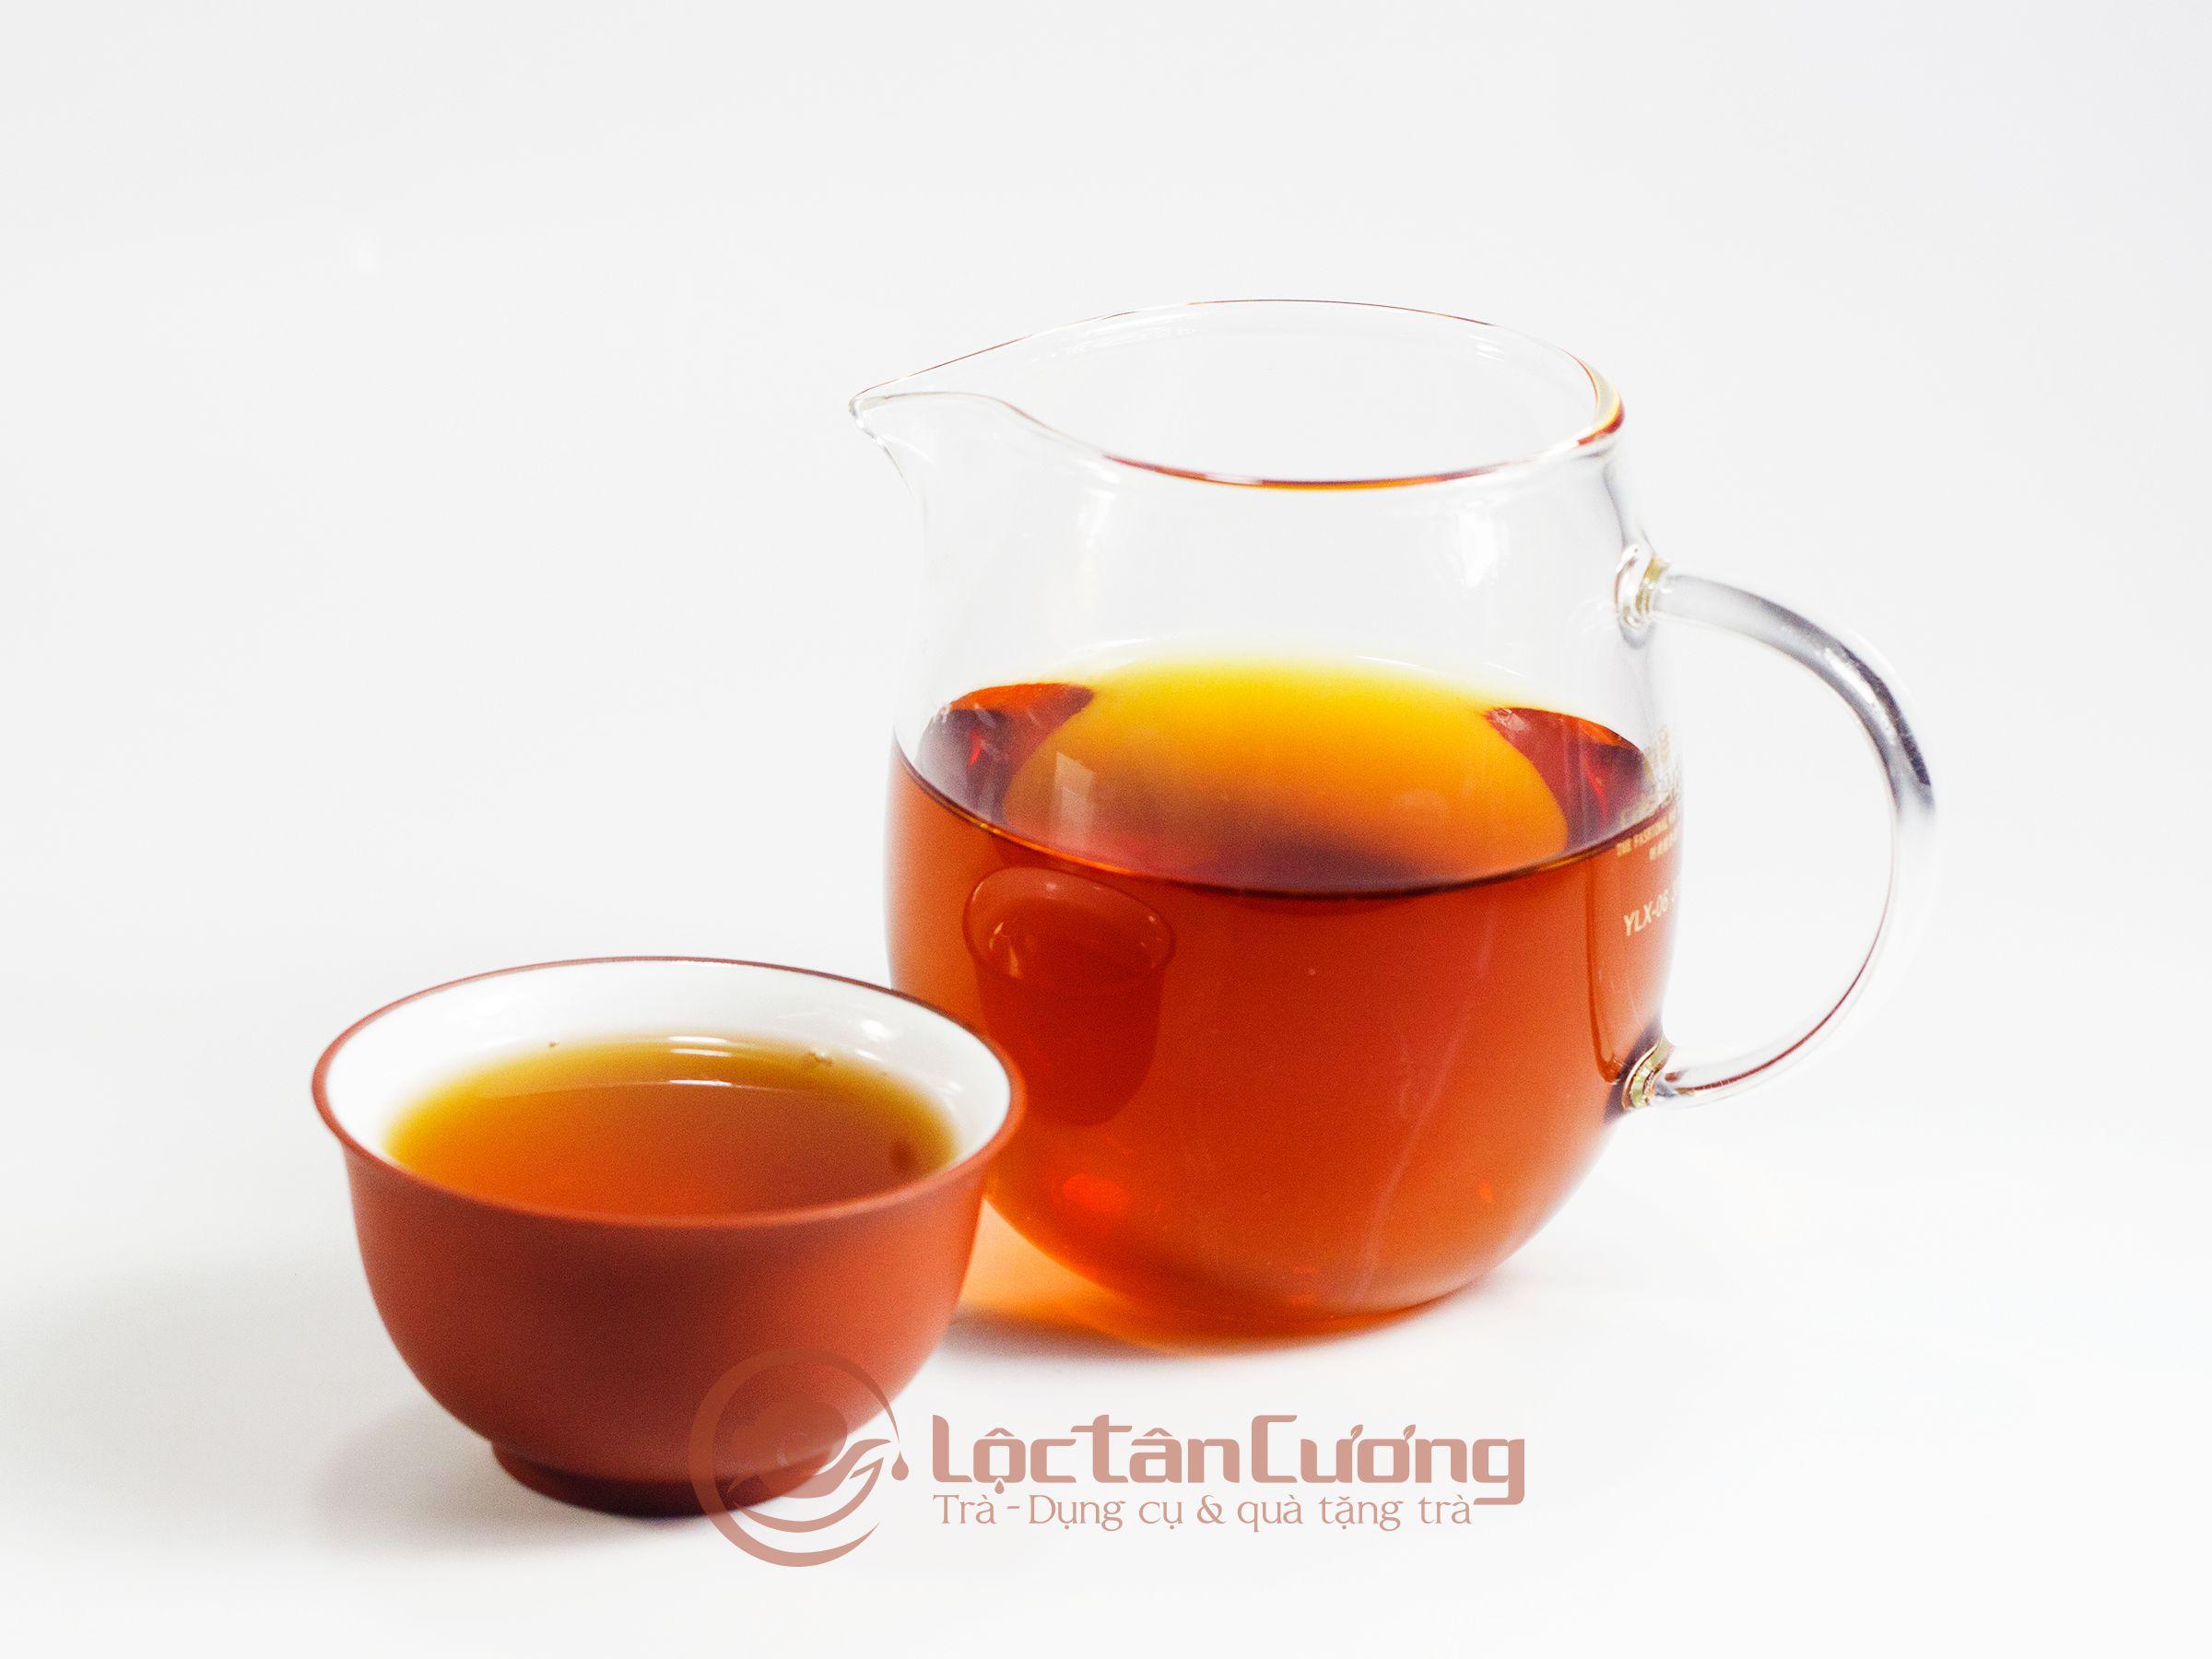 HQTT - Hồng Shan Trà Hà Giang 180gr